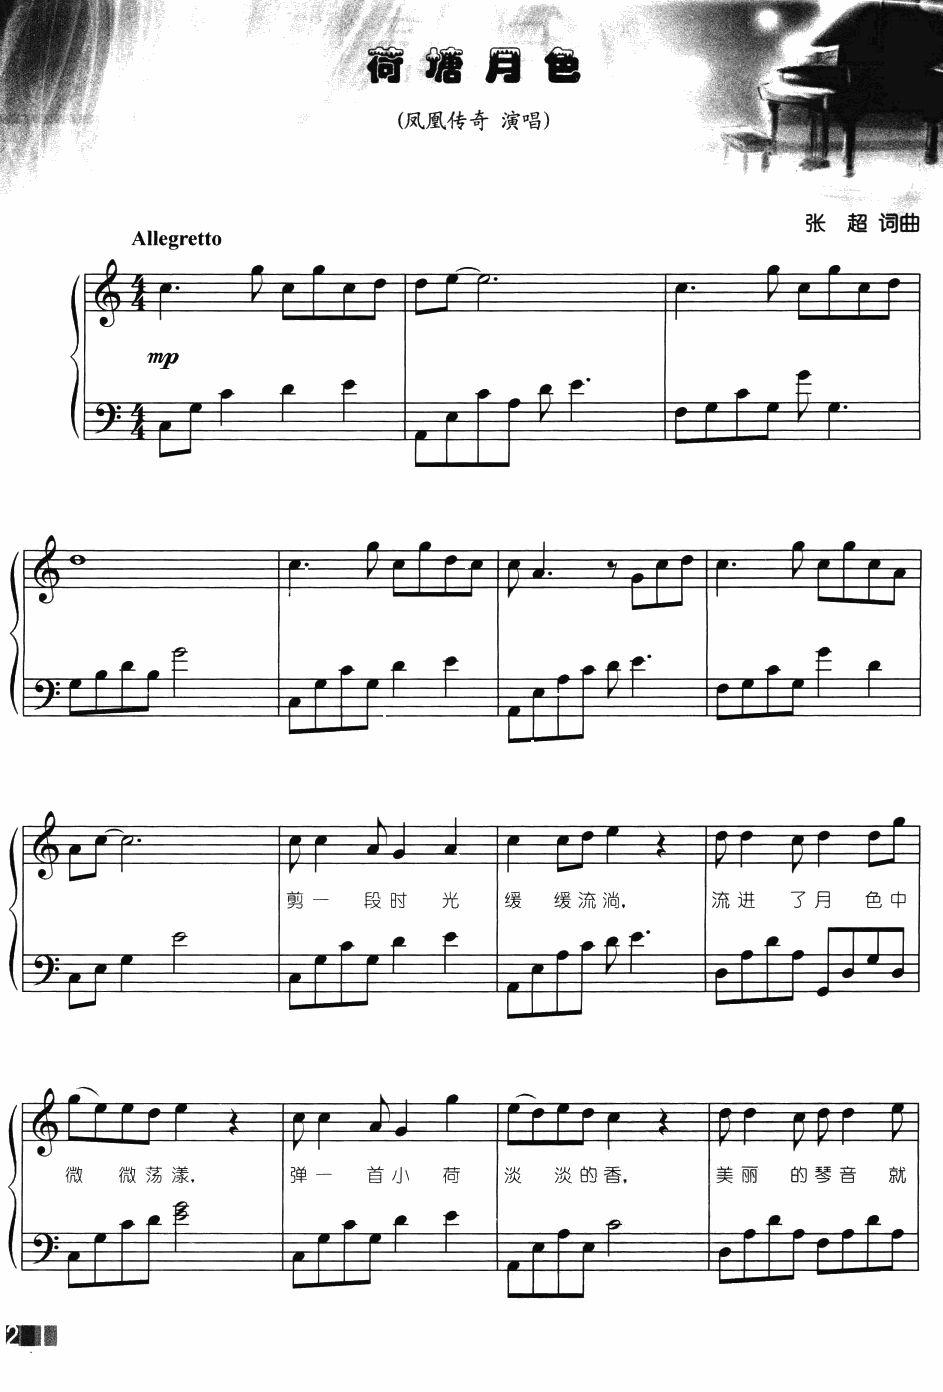 荷塘月色(钢琴弹奏)1_简谱图片